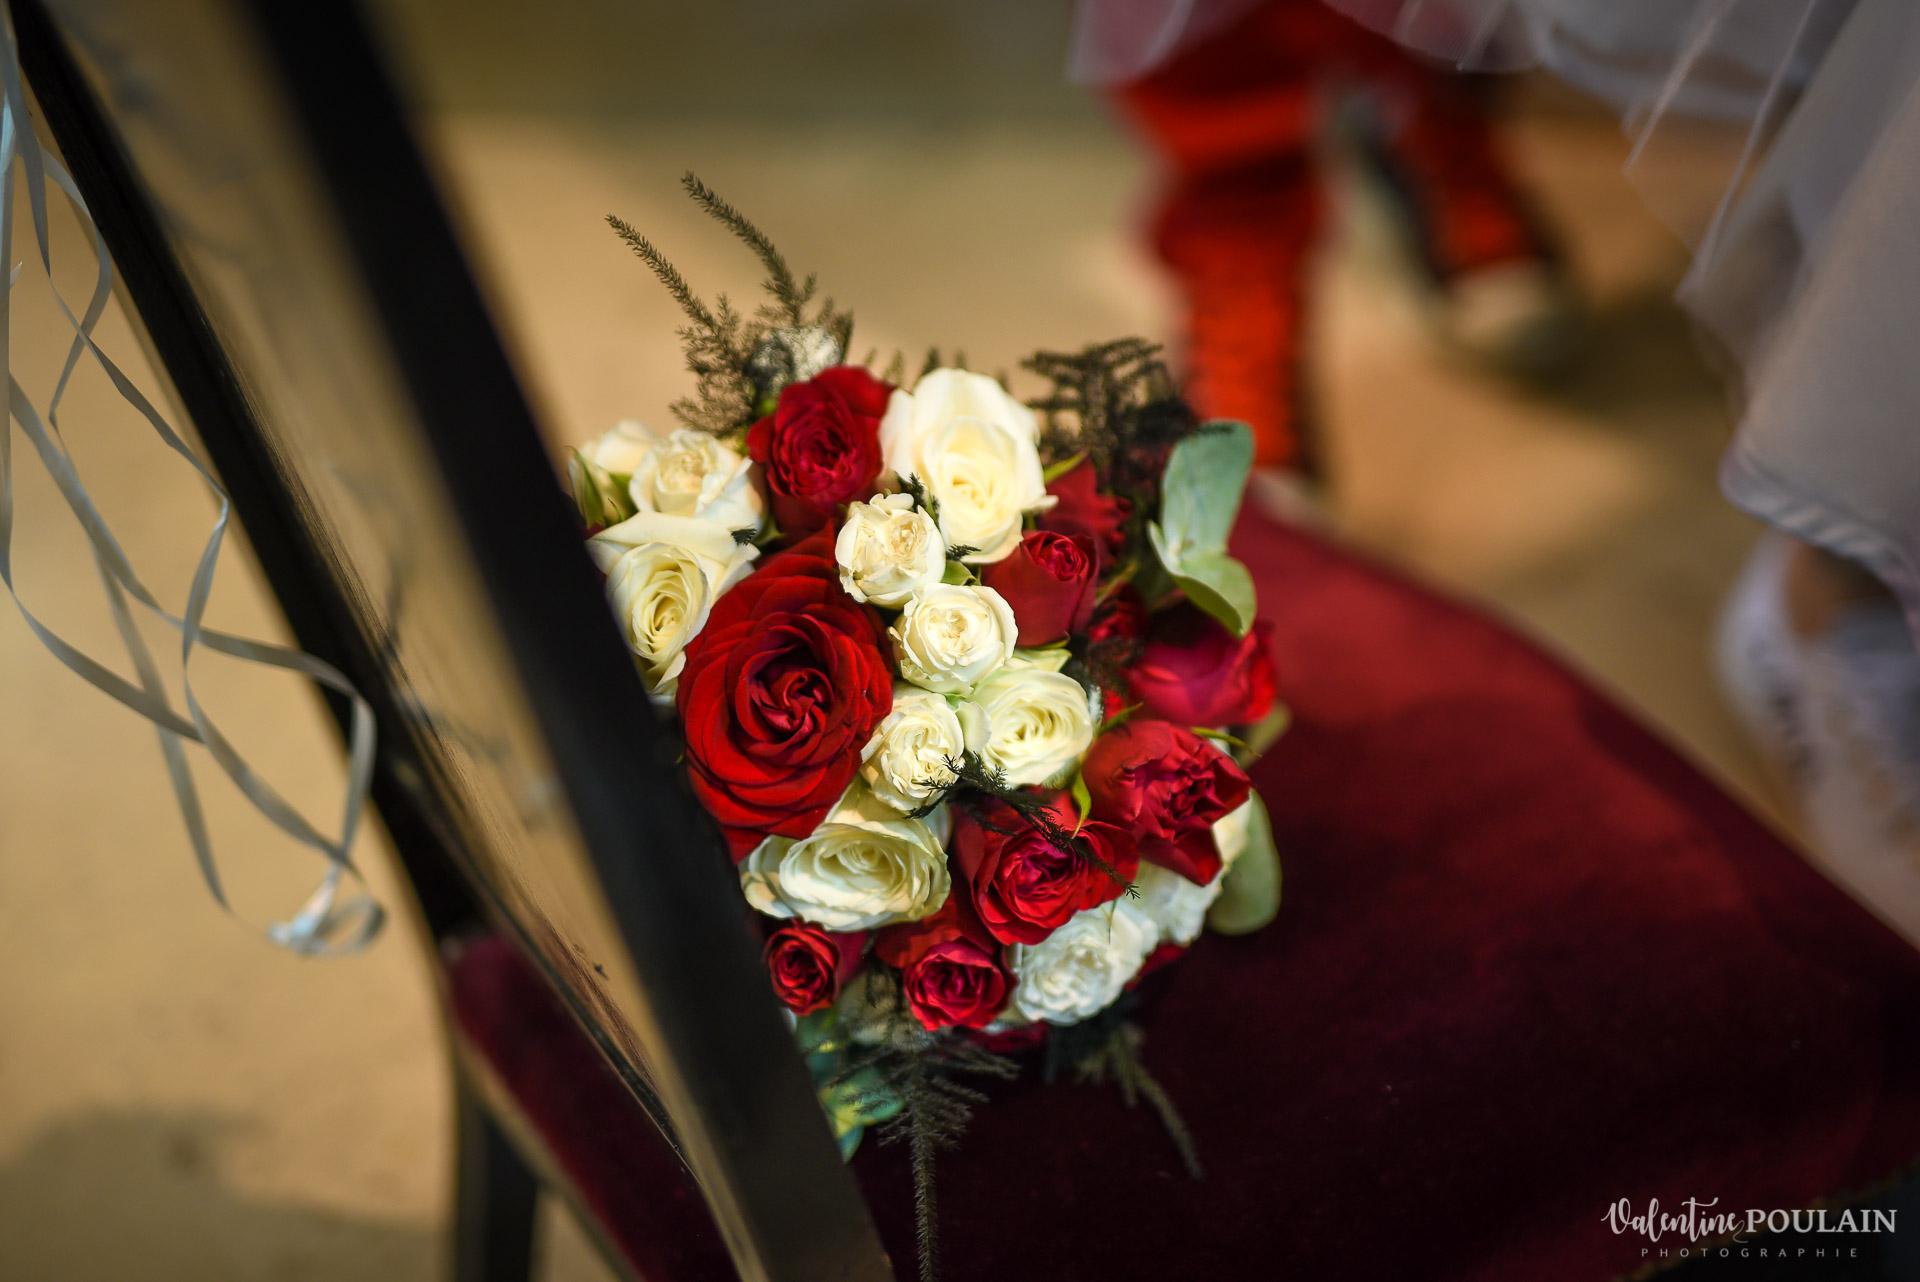 Mariage vintage rockabilly - Valentine Poulain bouquet